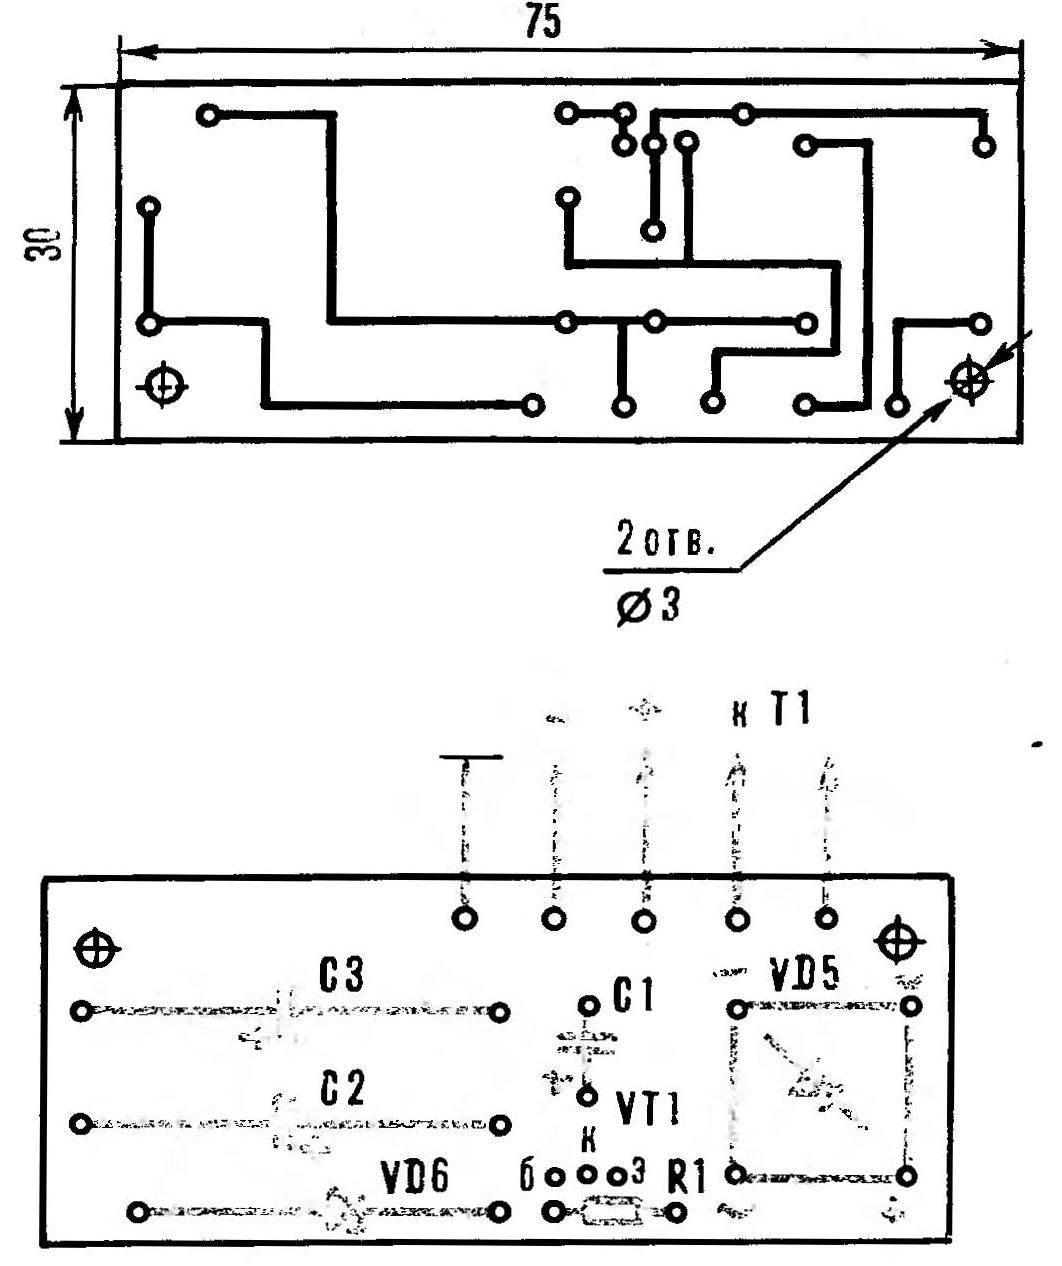 Р и с. 5. Монтажная плата источника питания со схемой расположения элементов